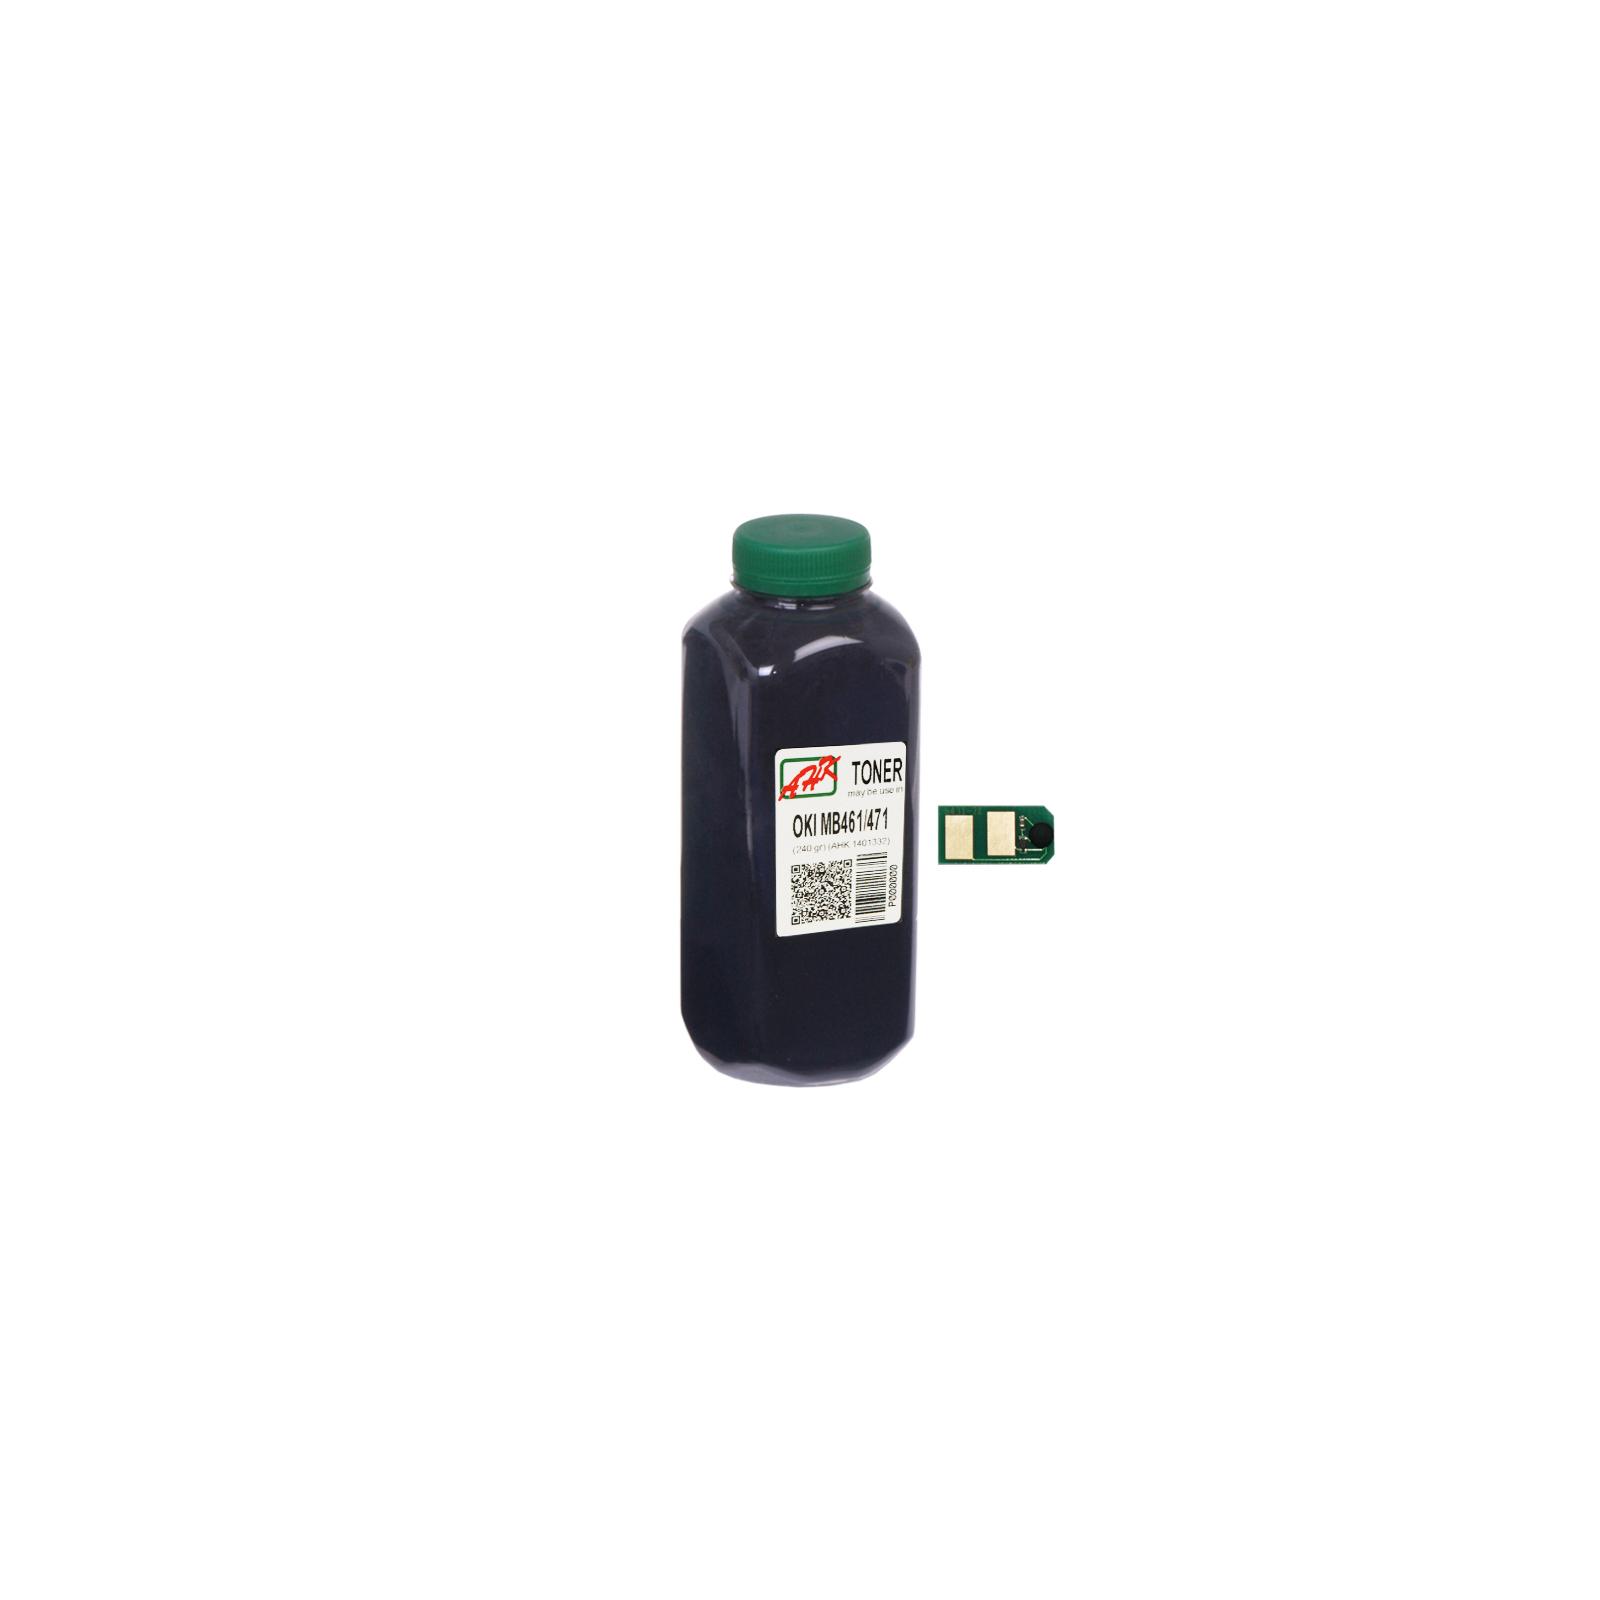 Тонер OKI MB461/MB471/491 (+чіп) AHK (140133/1401337)